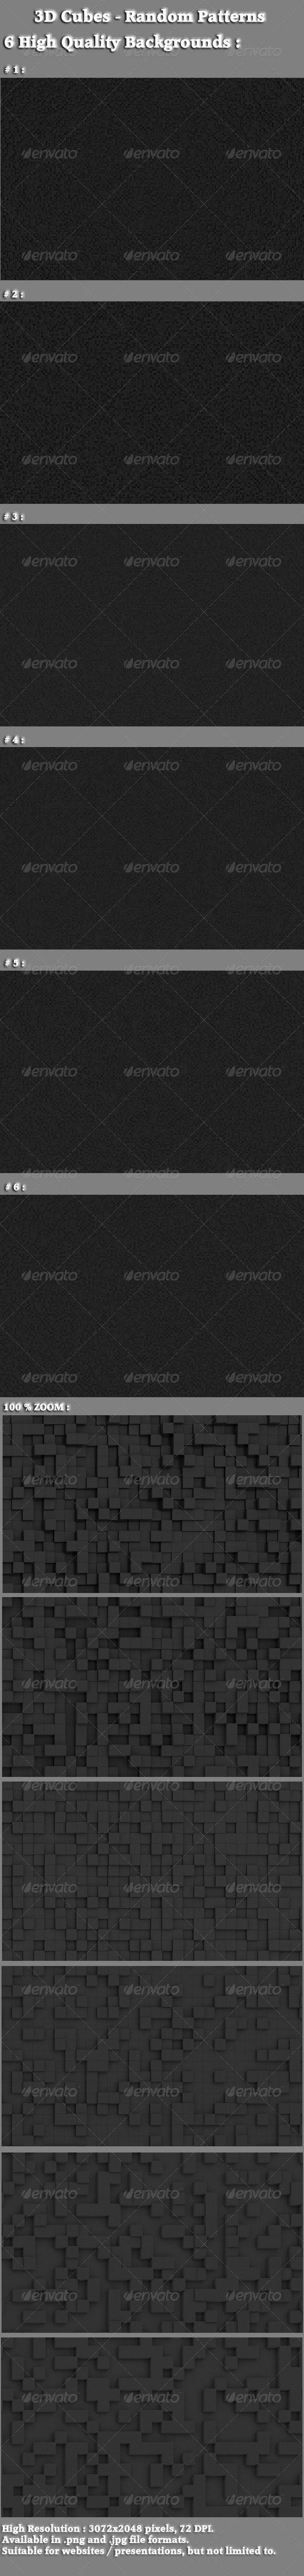 3D Cubes - Random Patterns - 3D Backgrounds